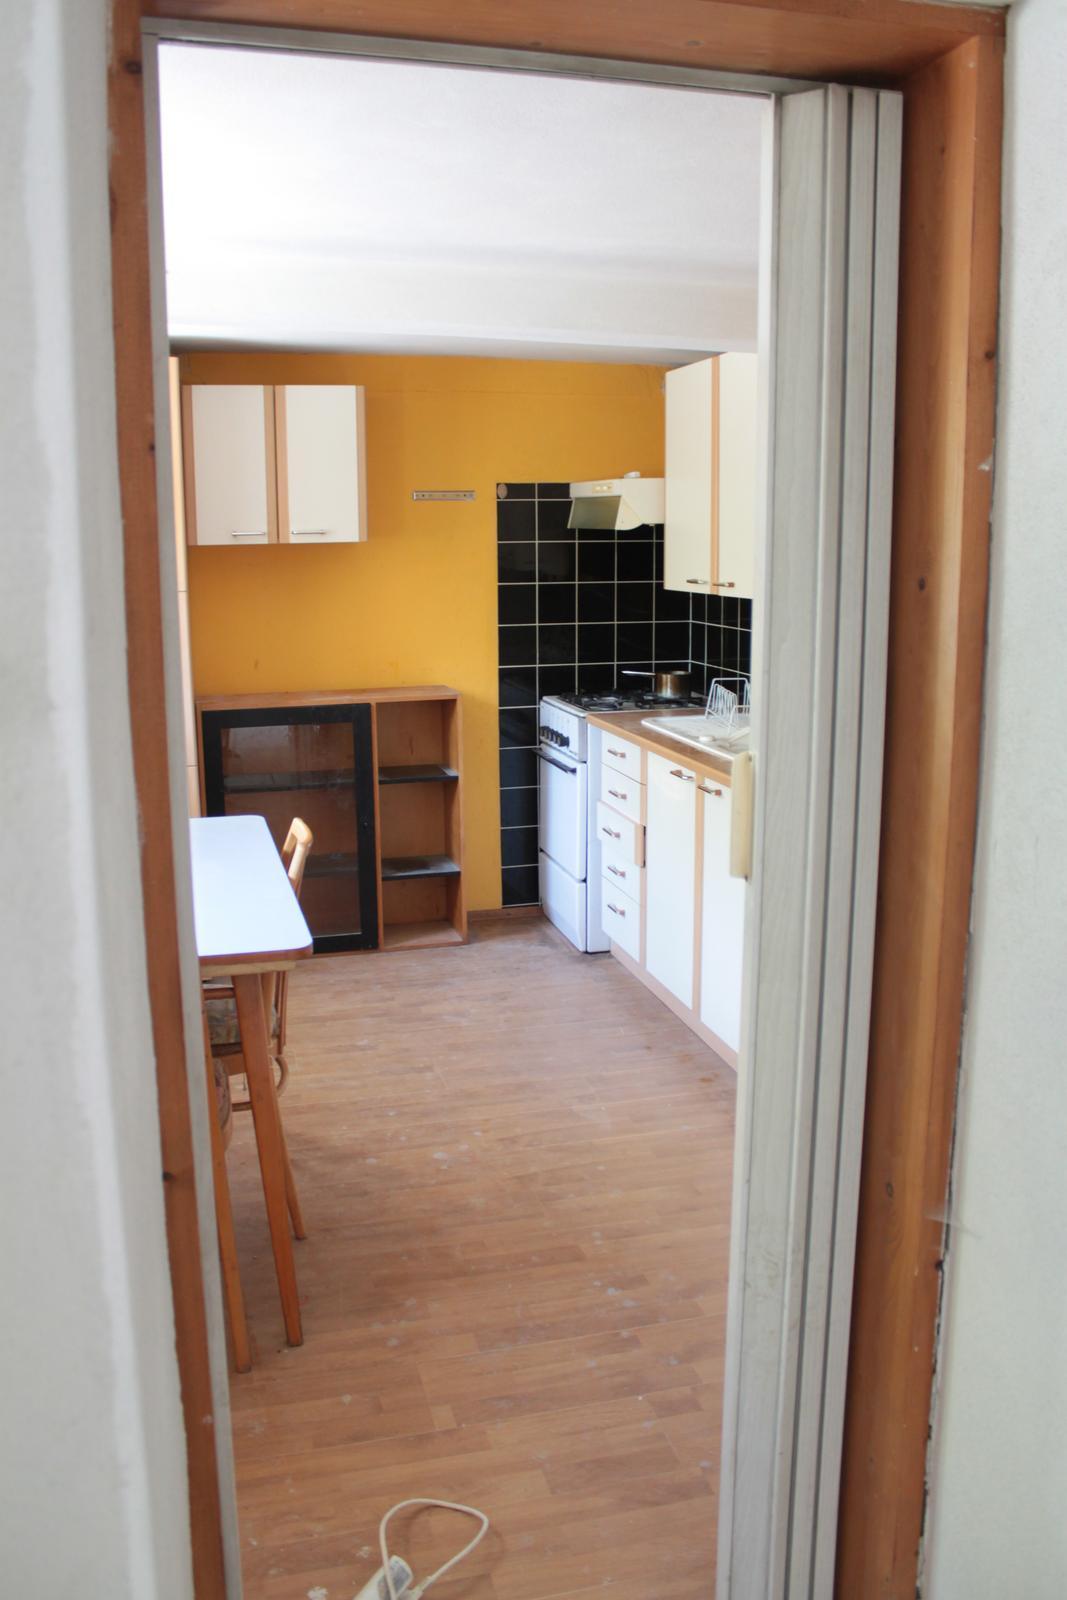 Naša rekonštrukcia - po obývačke prišla na rad kuchyňa